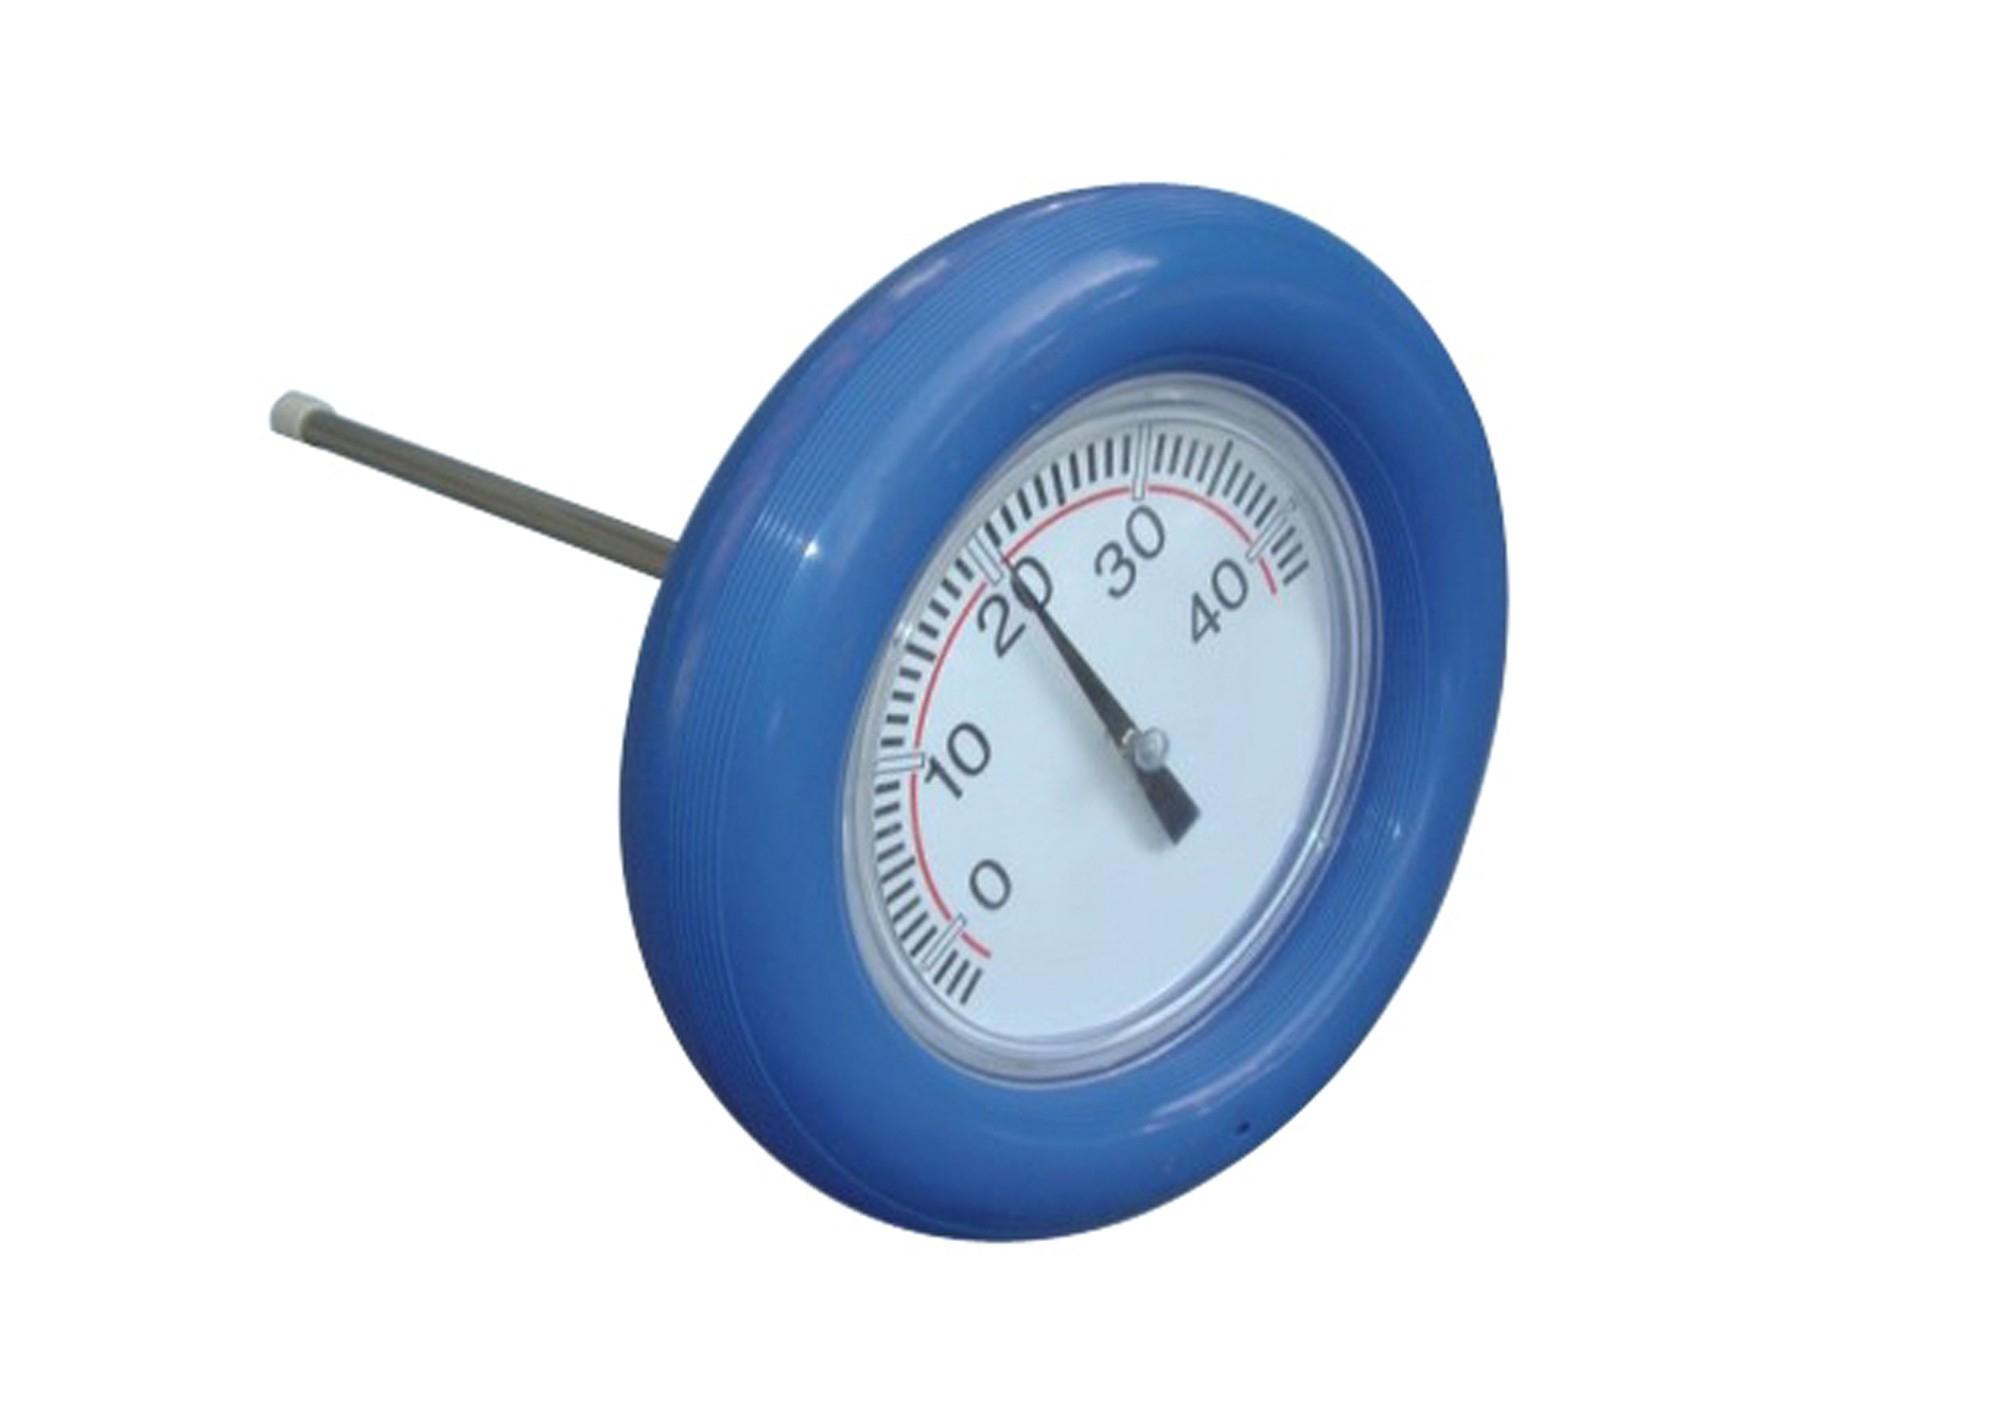 Thermomètre Flottant - Piscines Waterair concernant Thermometre Piscine Connecté